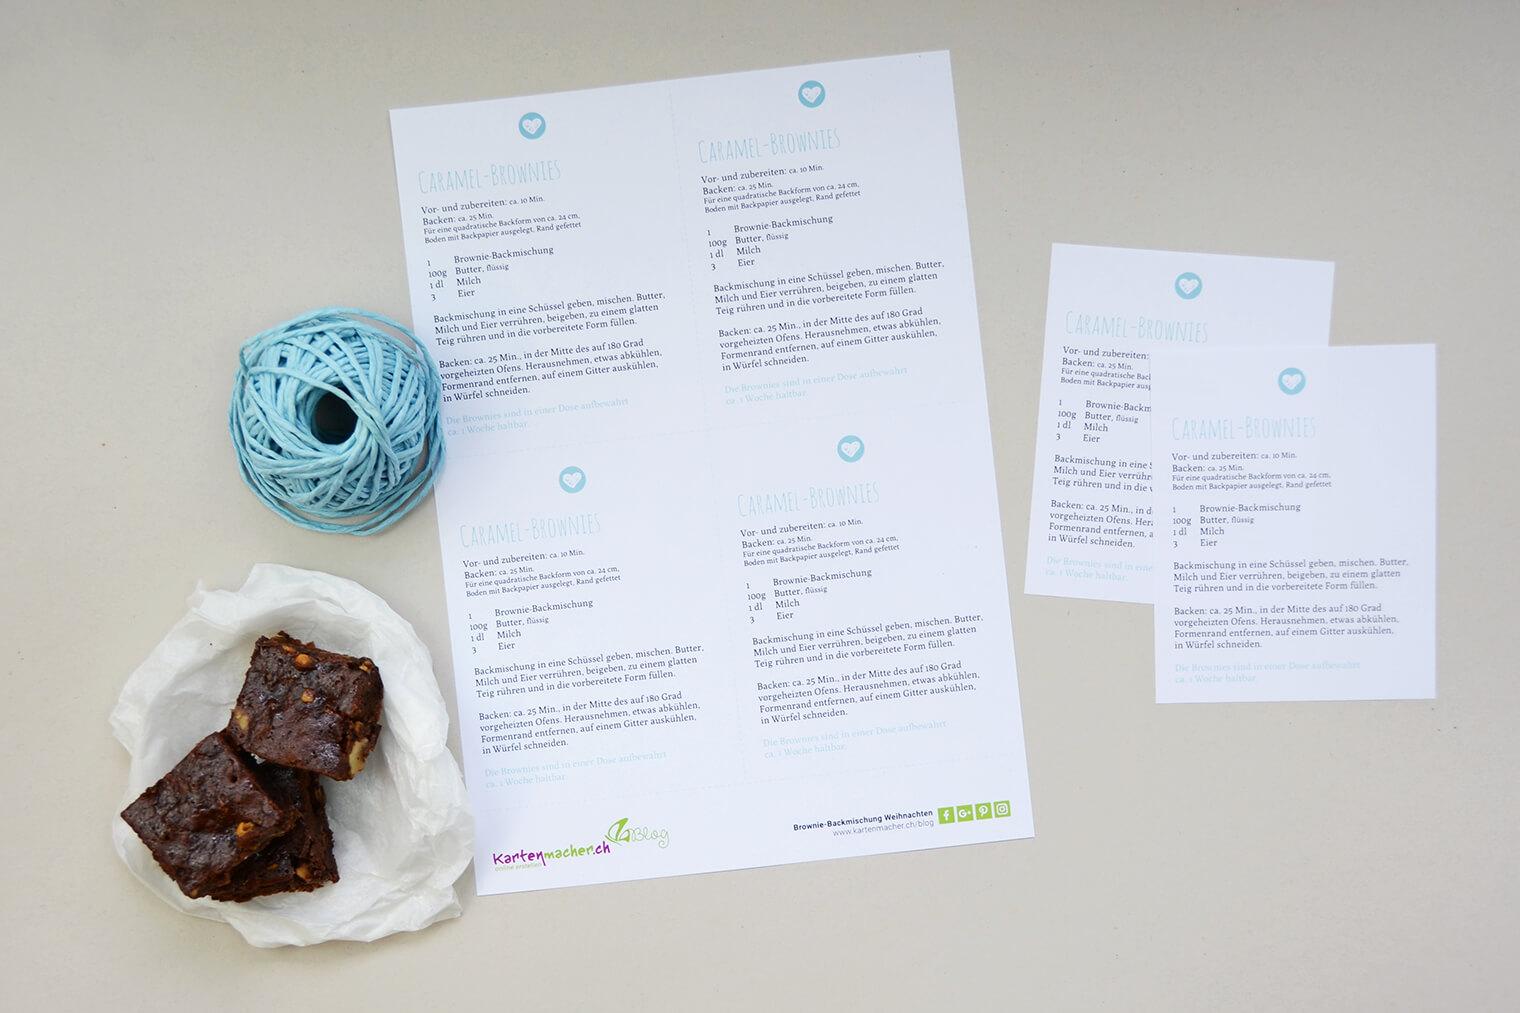 Brownies aus Brownie-Backmischung als Weihnachtsgeschenk